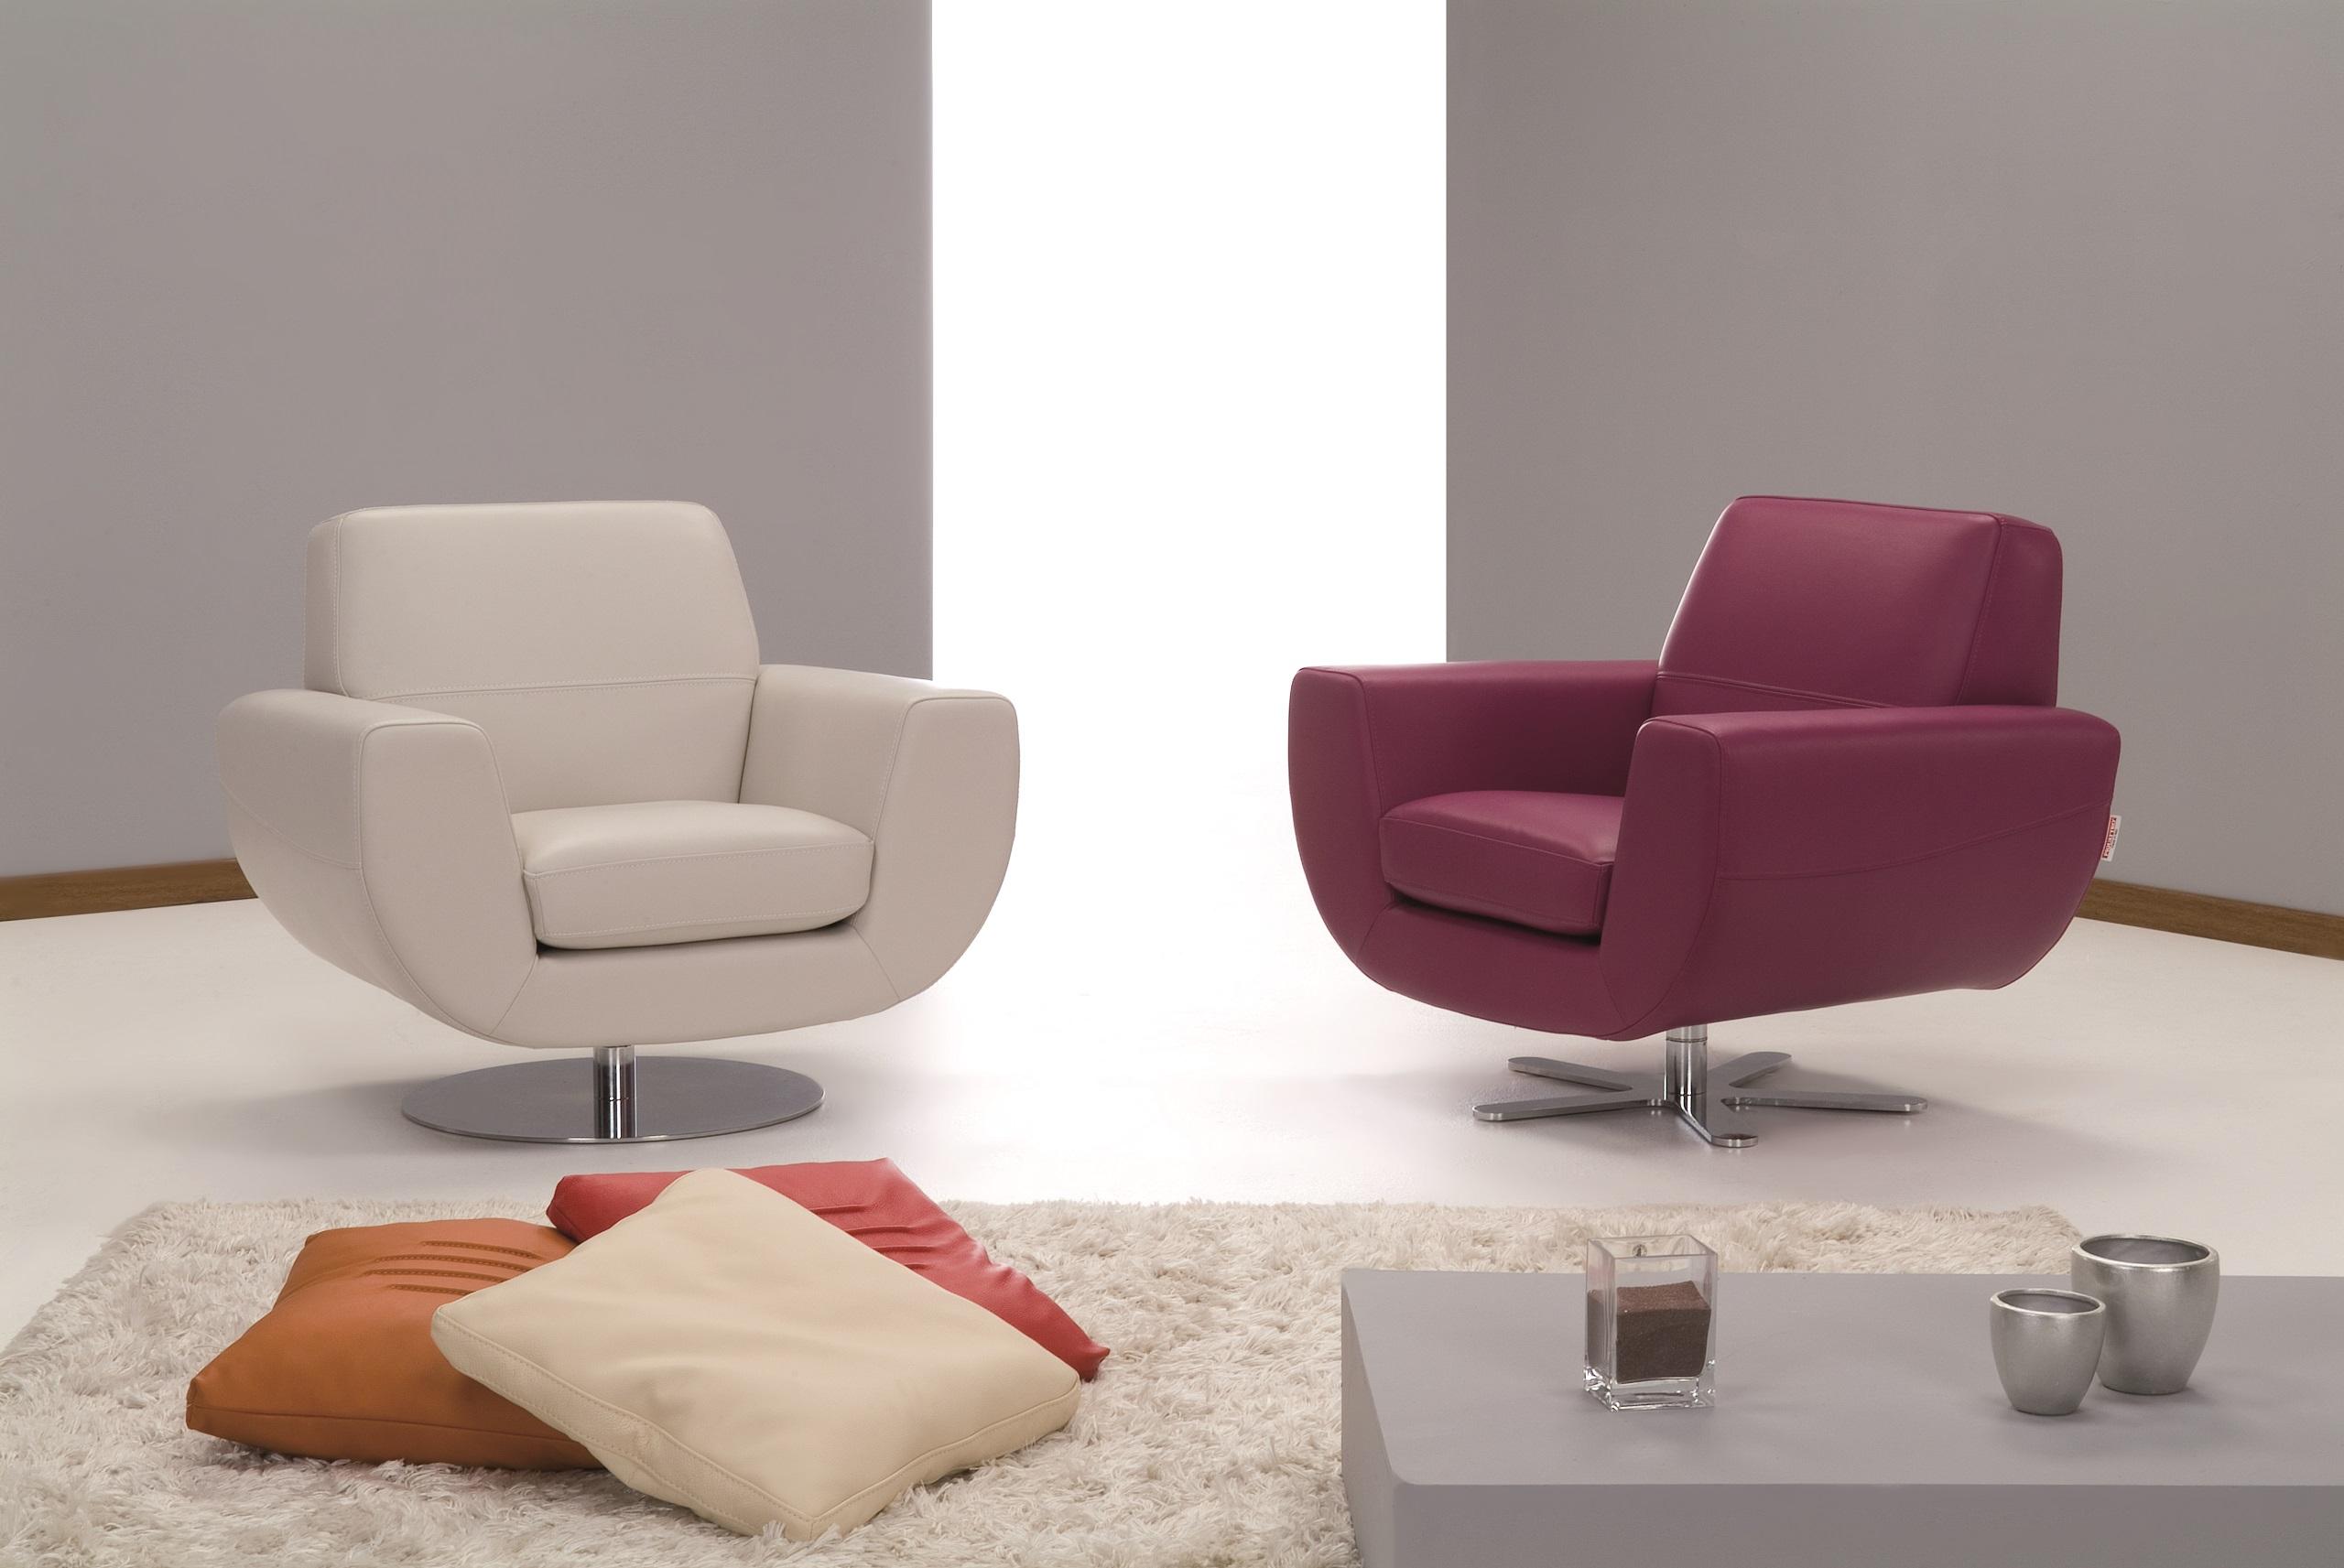 Design&Divani: кресло от «Дизайнера года» Sylvain Joly